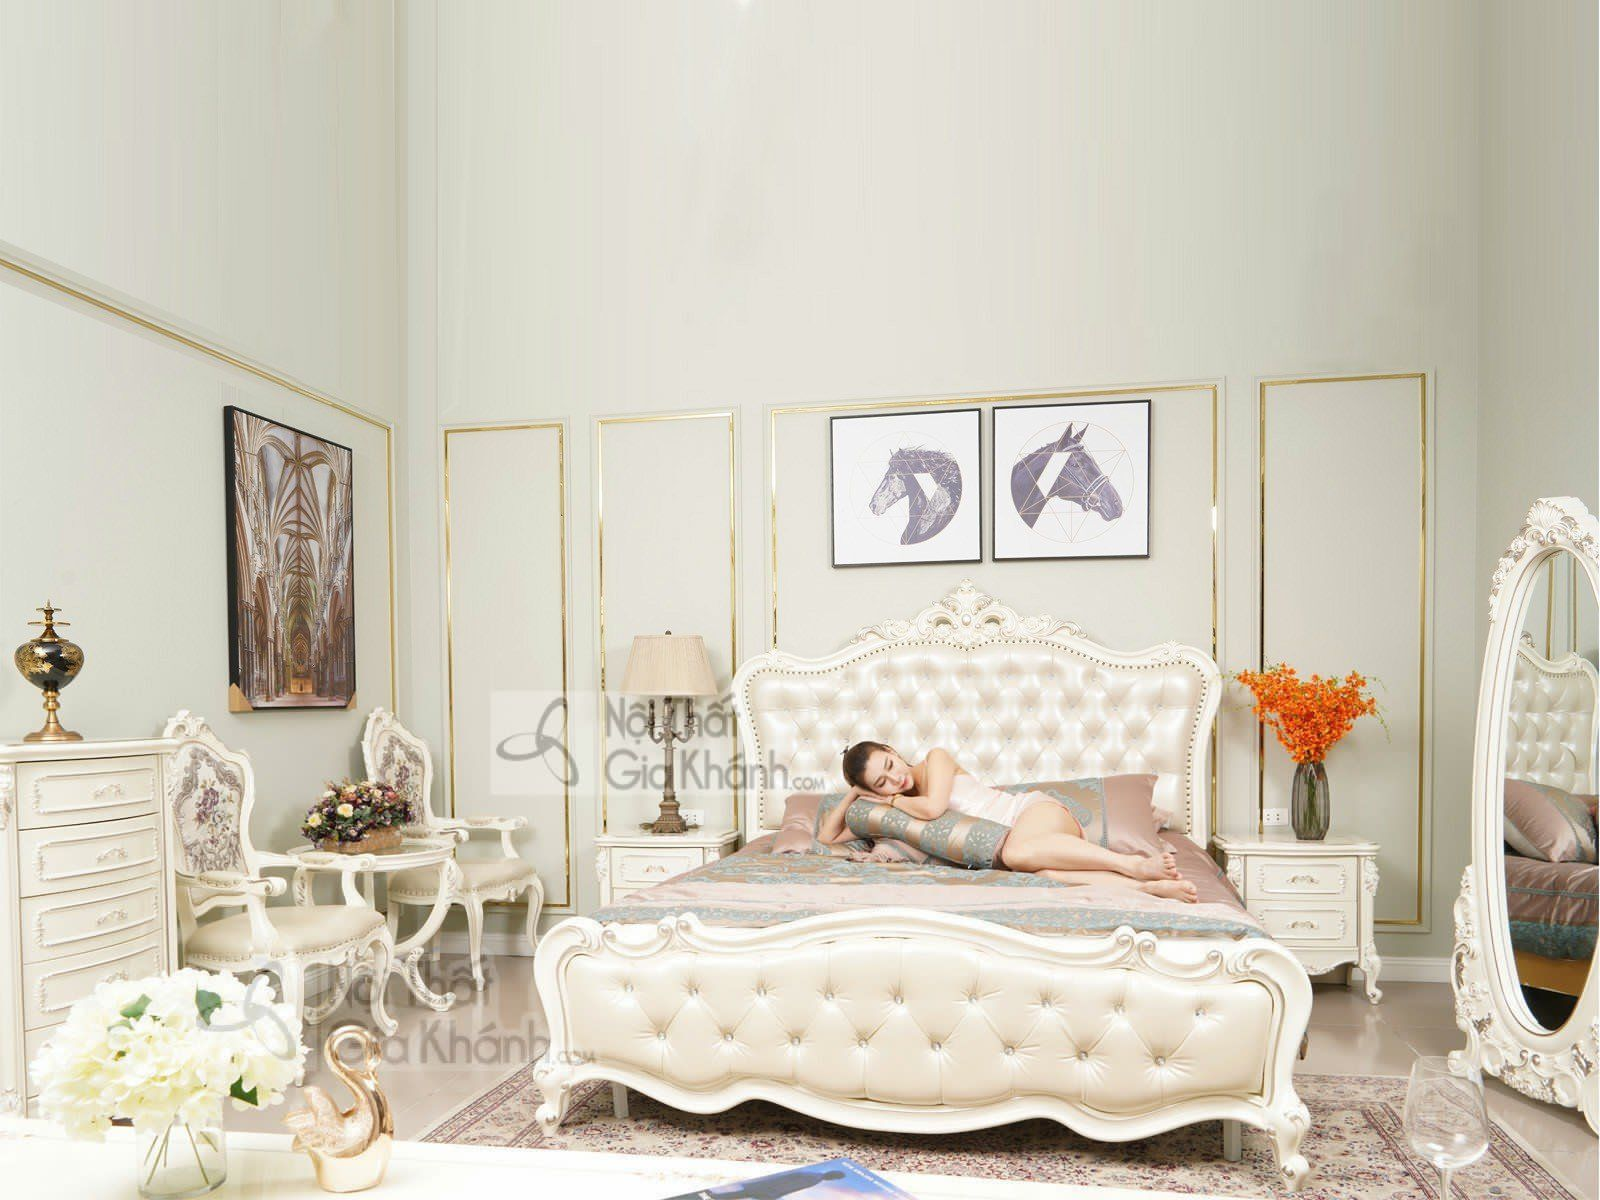 Giường ngủ gỗ chân cao tân cổ điển sang trọng H8838AL